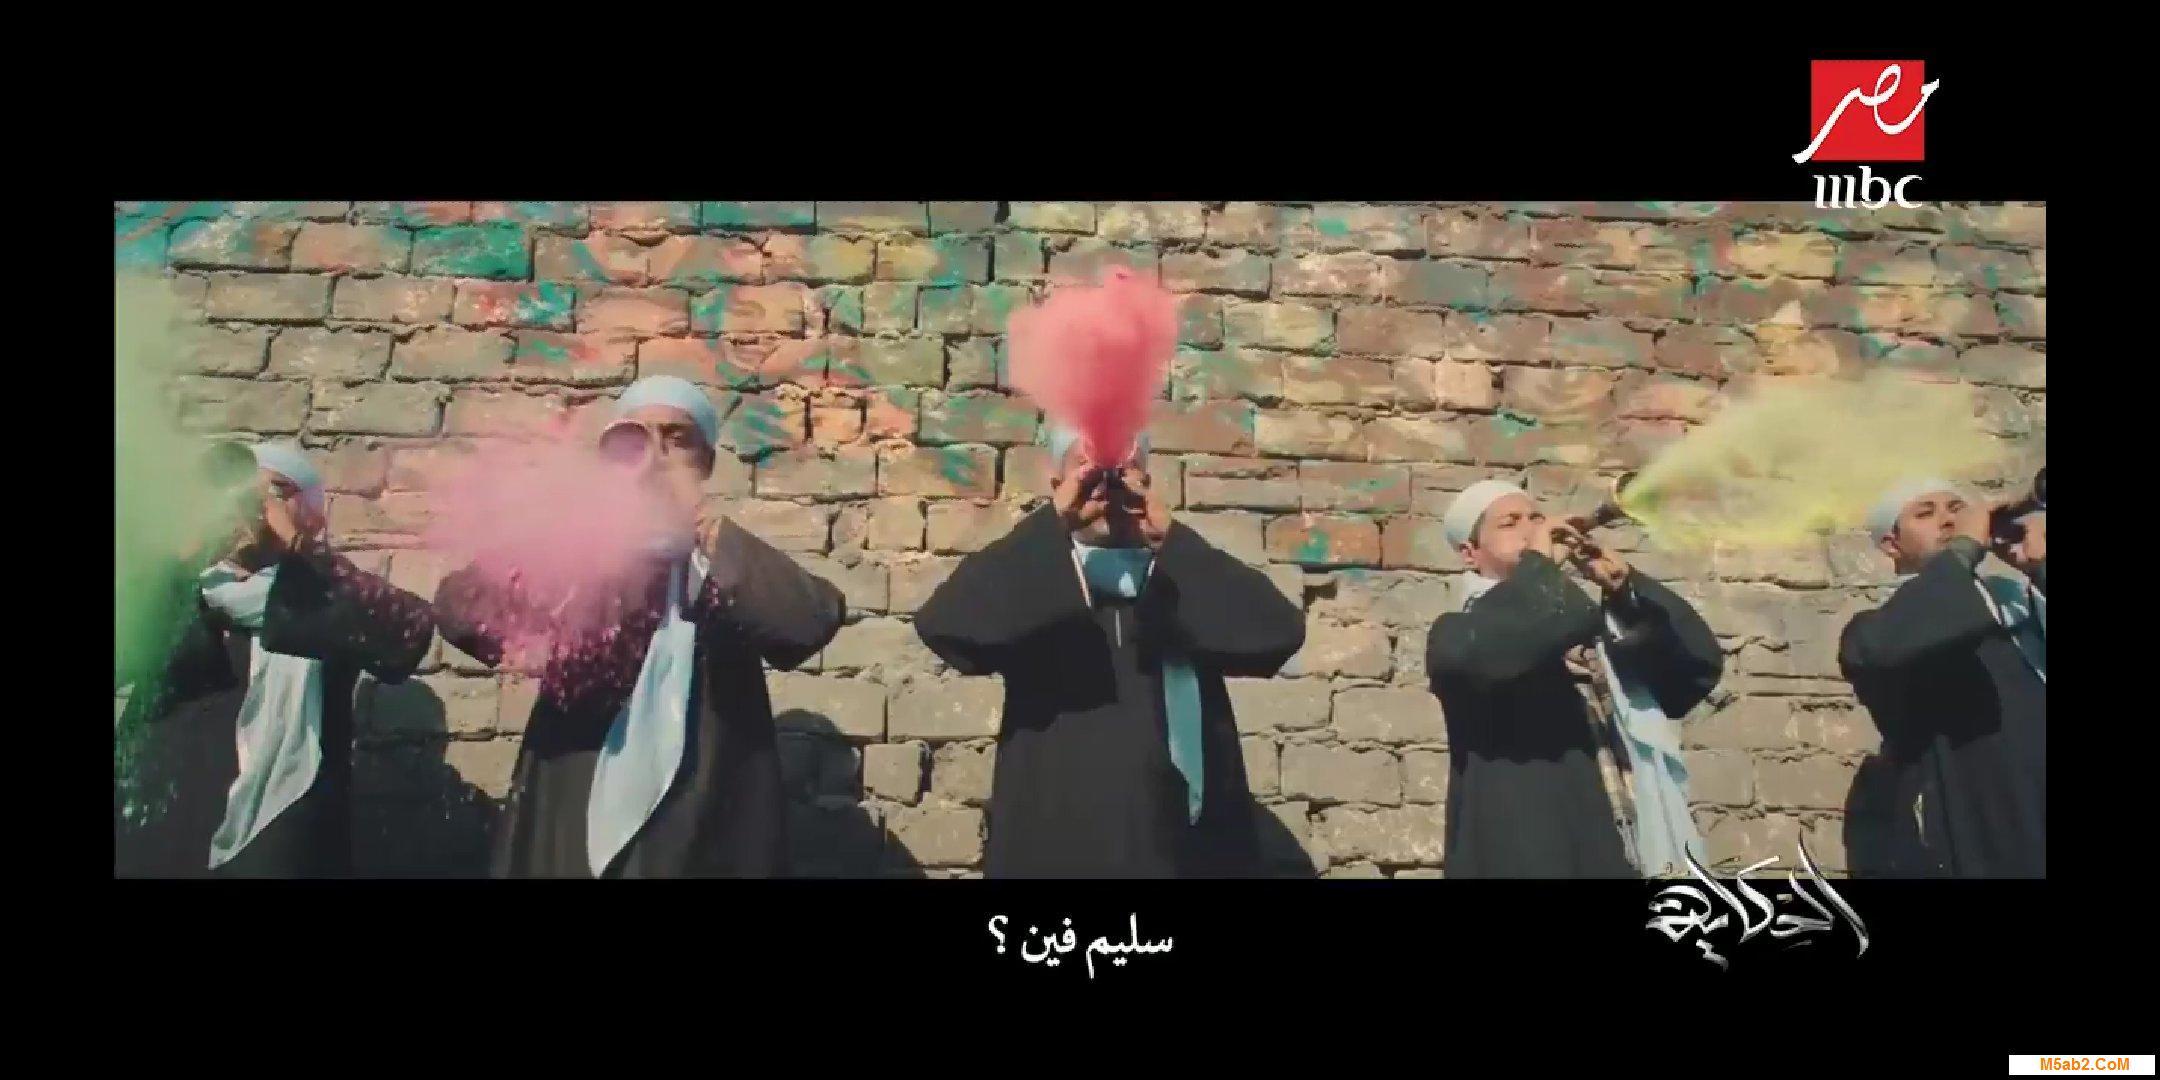 كلمات اغنية ابو شنب اعلان اكرم حسنى سليم فين حملة اتنين كفاية 2019